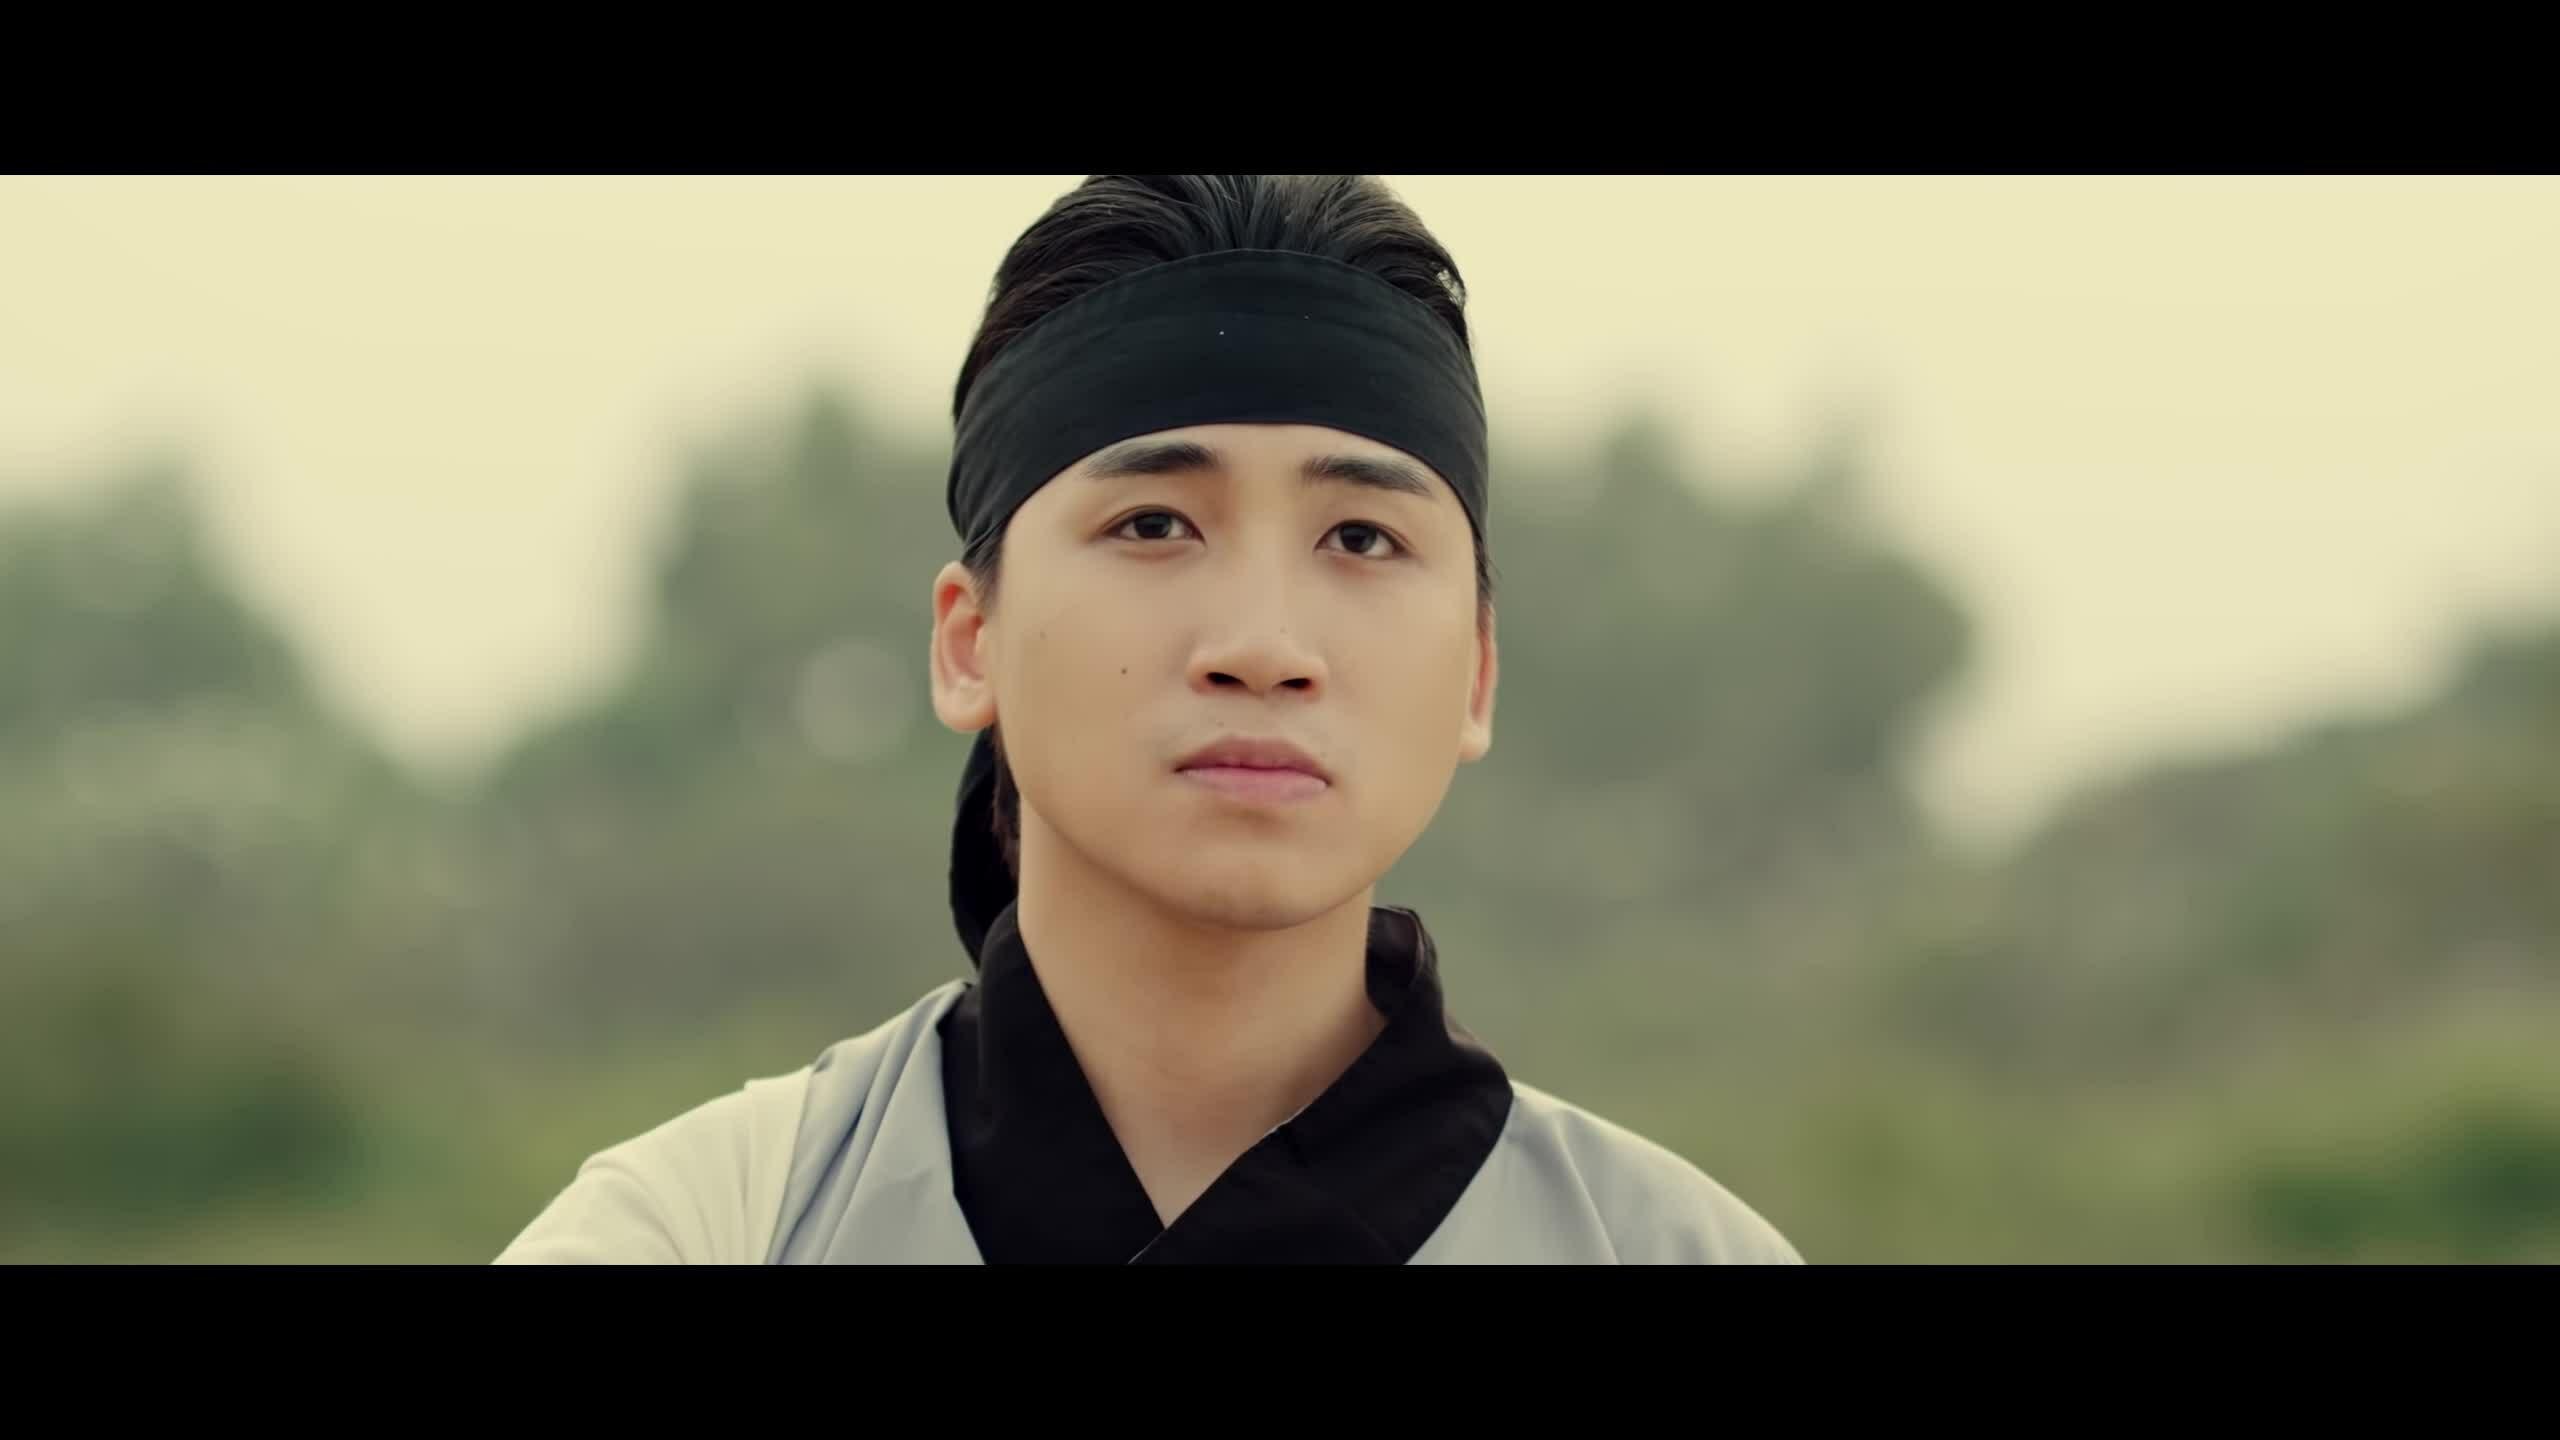 MV Chuyện tình yêu xa - Huy Cung